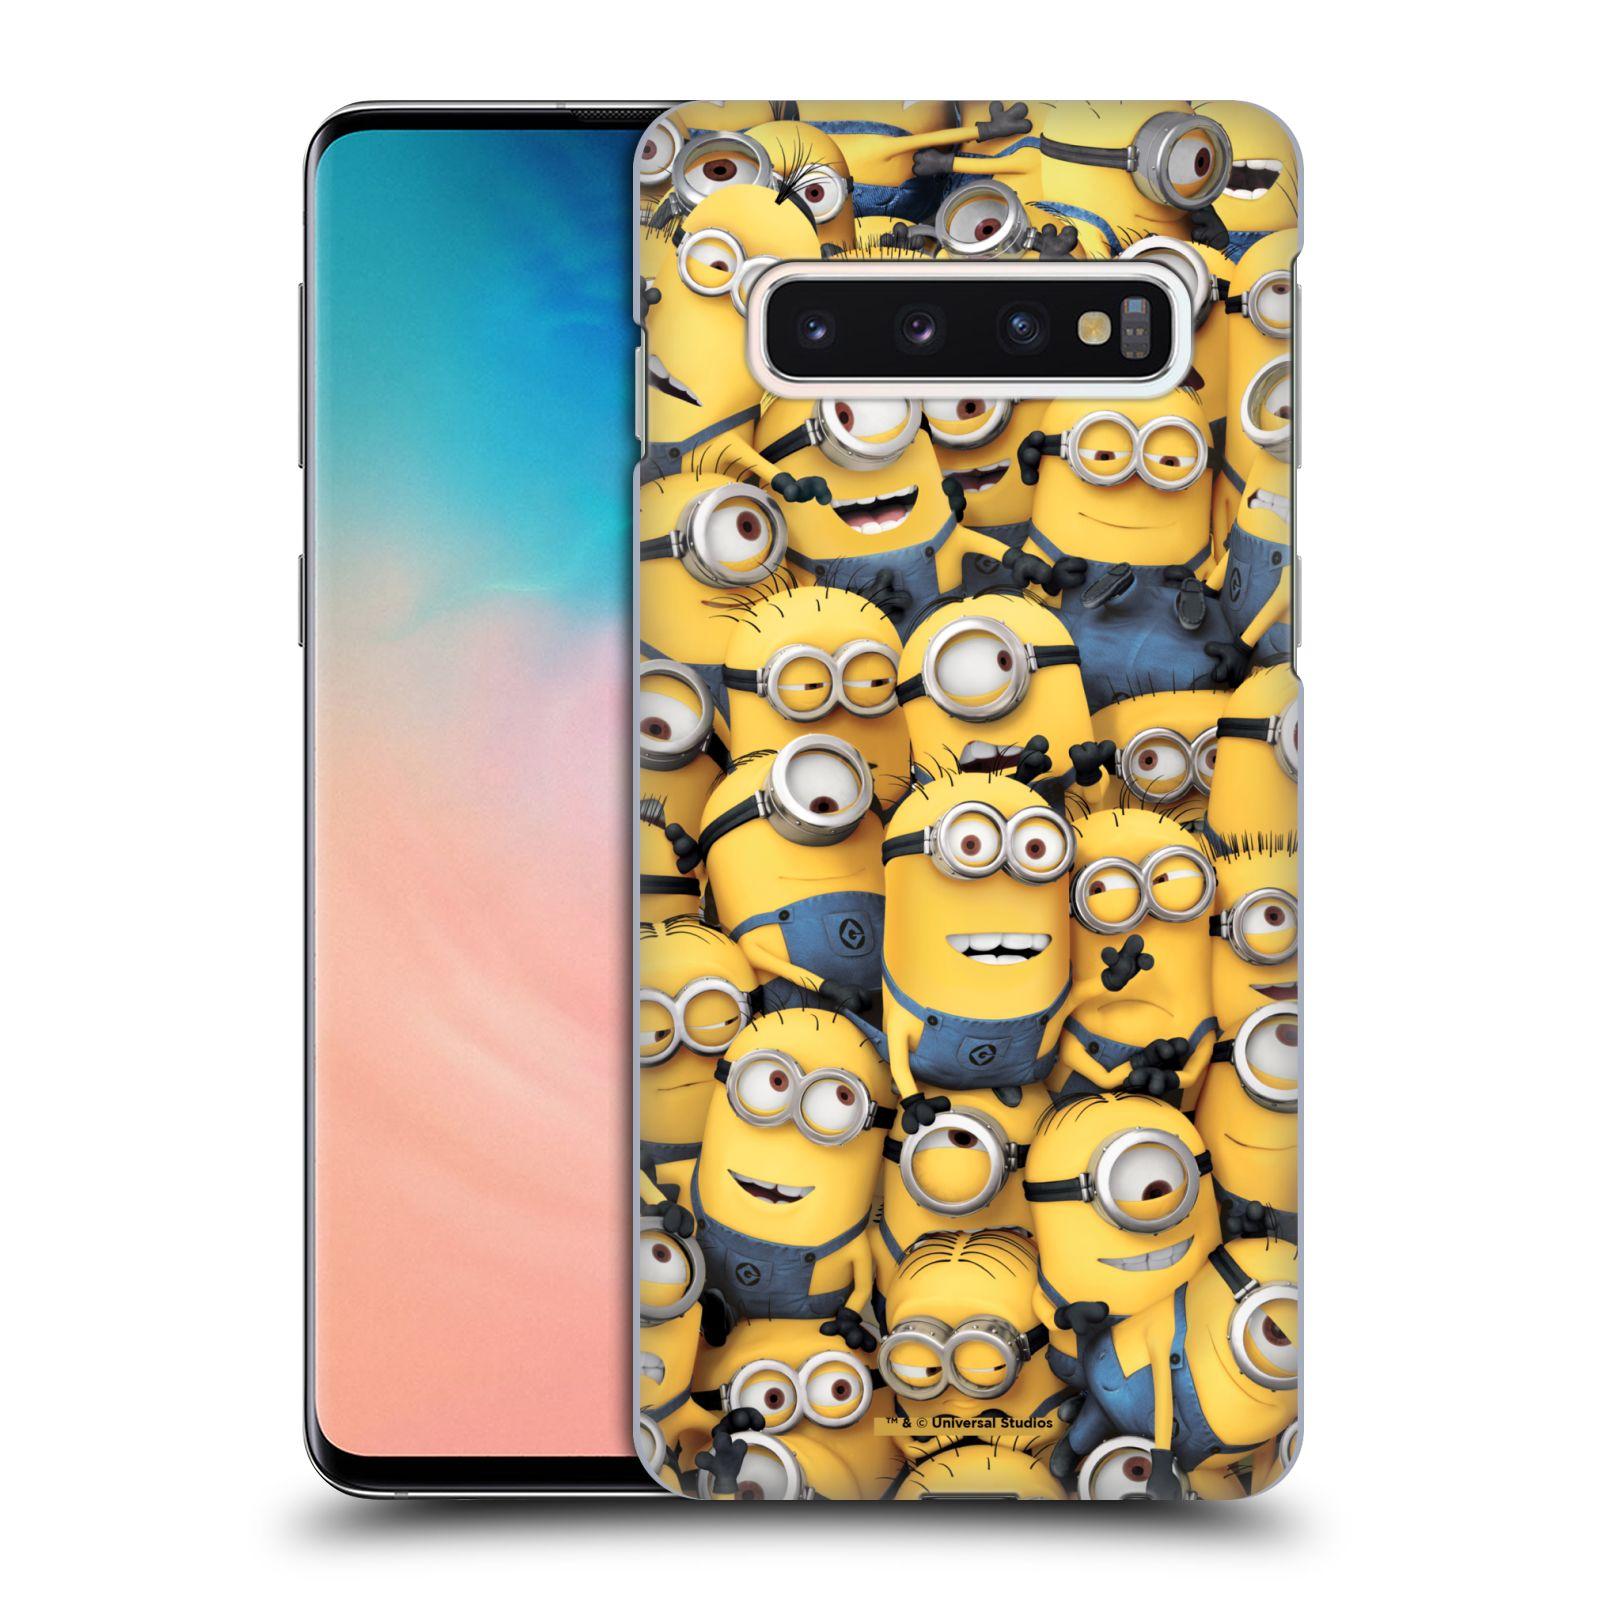 Plastové pouzdro na mobil Samsung Galaxy S10 - Head Case - Mimoni všude z filmu Já, padouch - Despicable Me